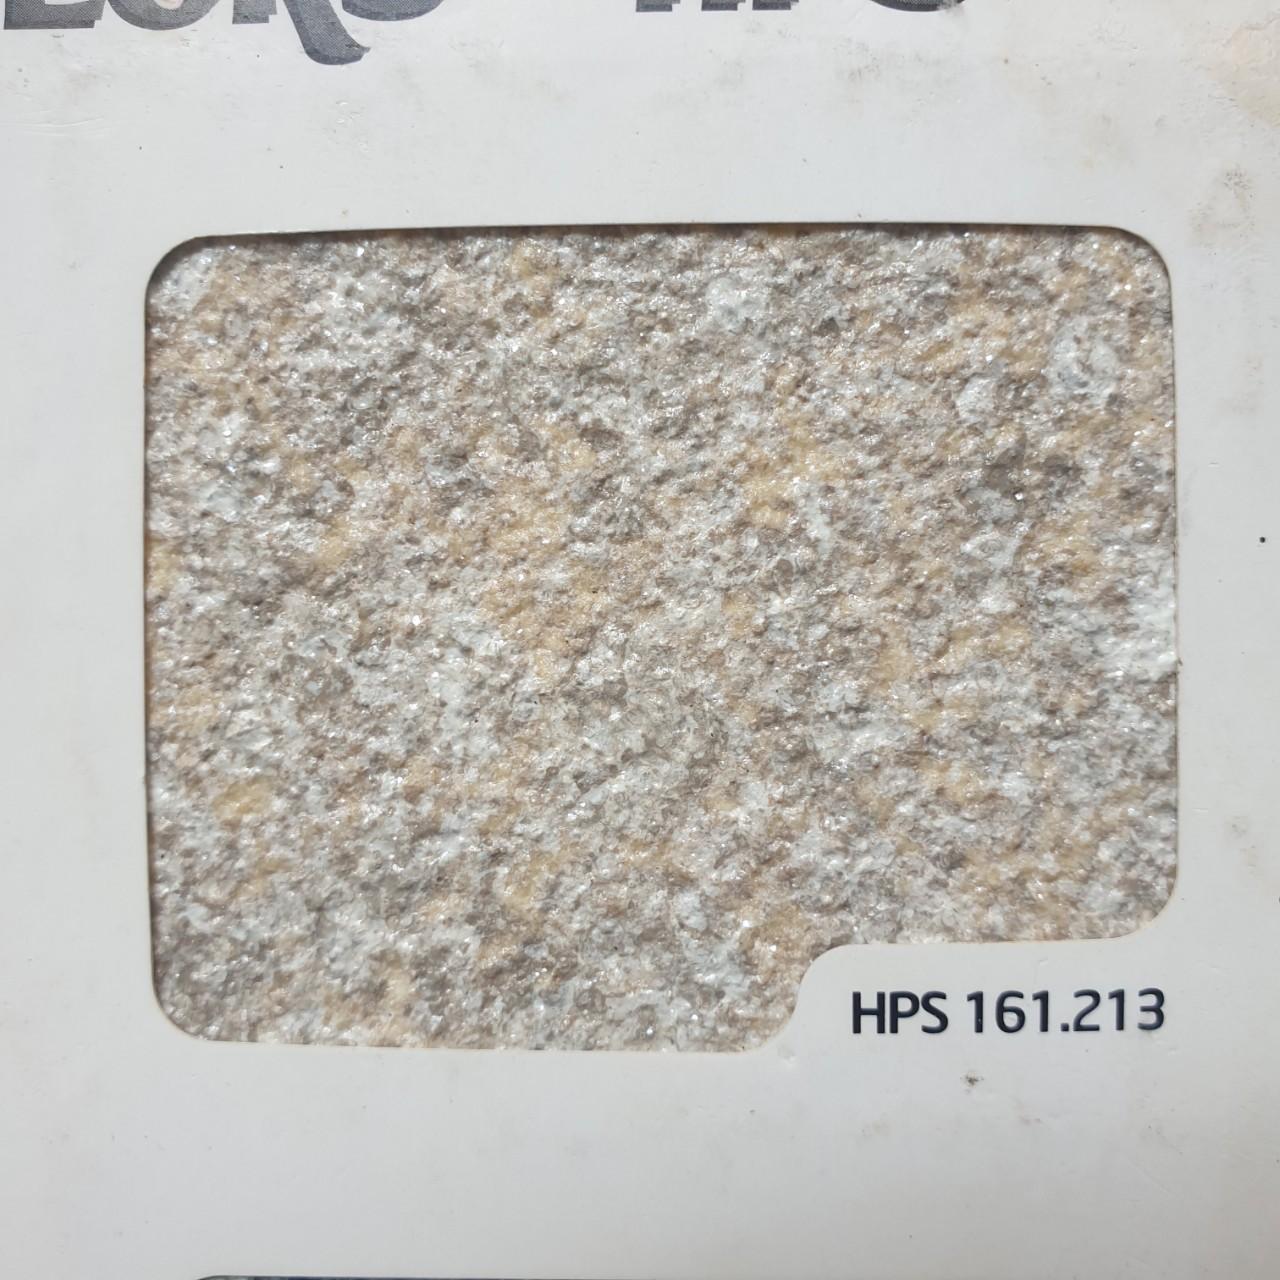 HPS 161 213